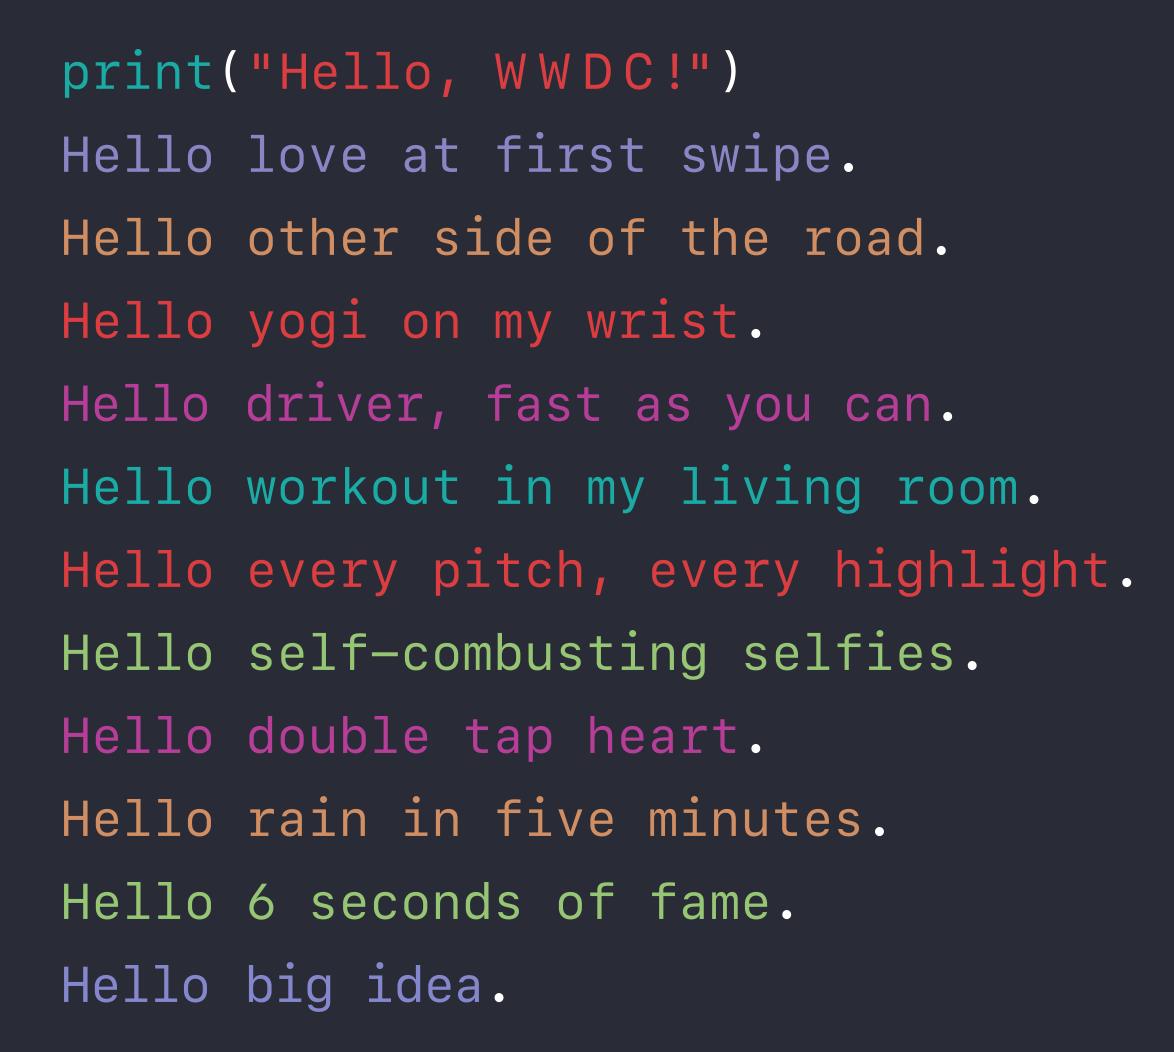 WWDC 2016 Poem